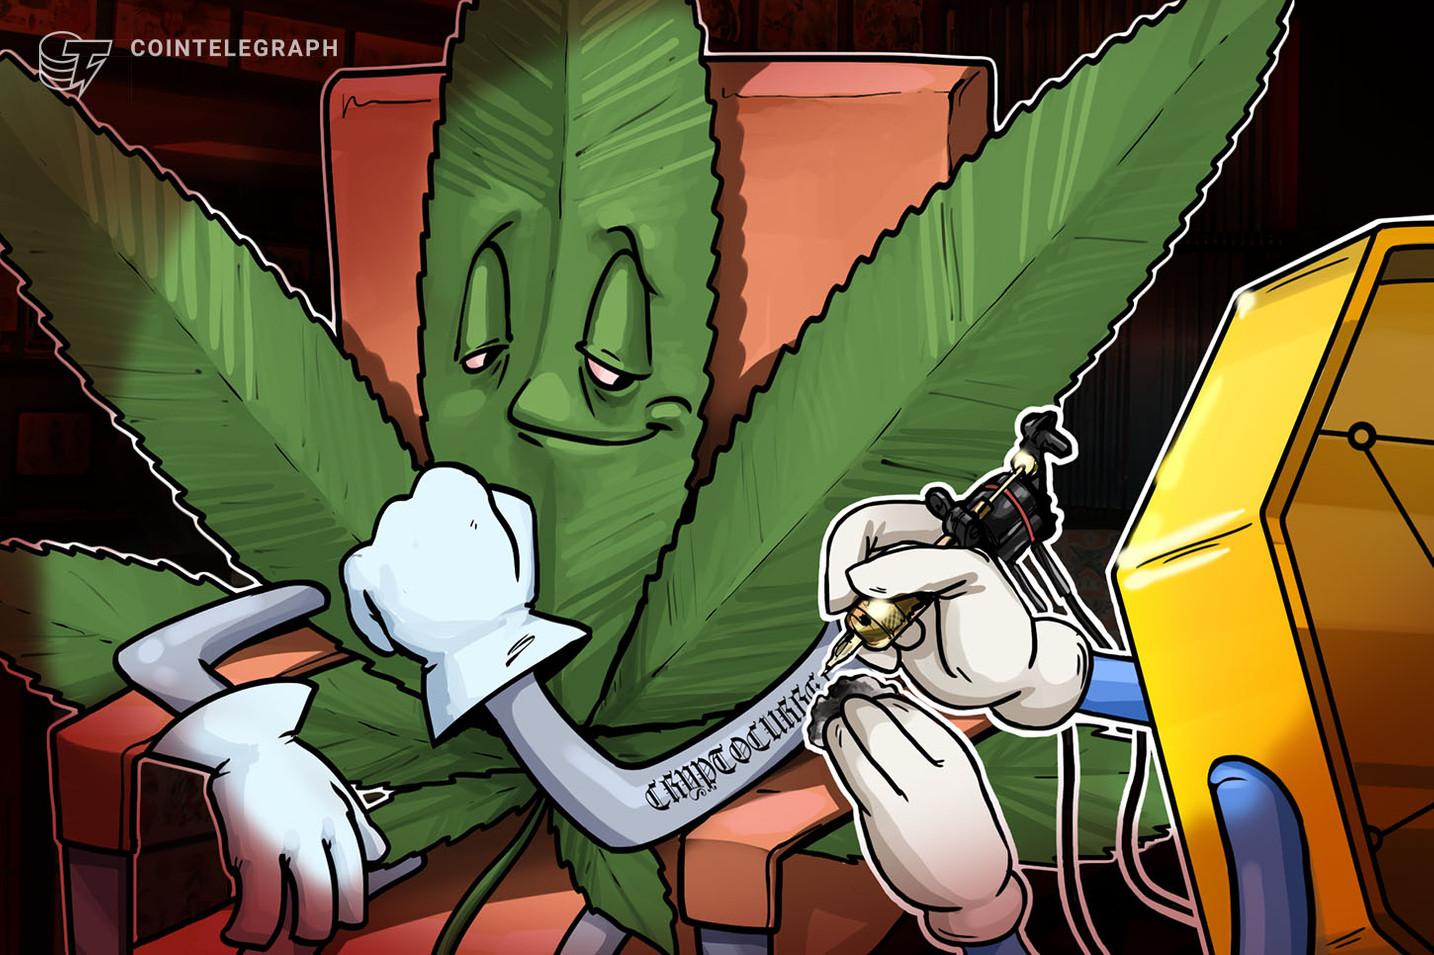 Reforma federal podría transformar el caso de uso de pago de cannabis con criptomonedas